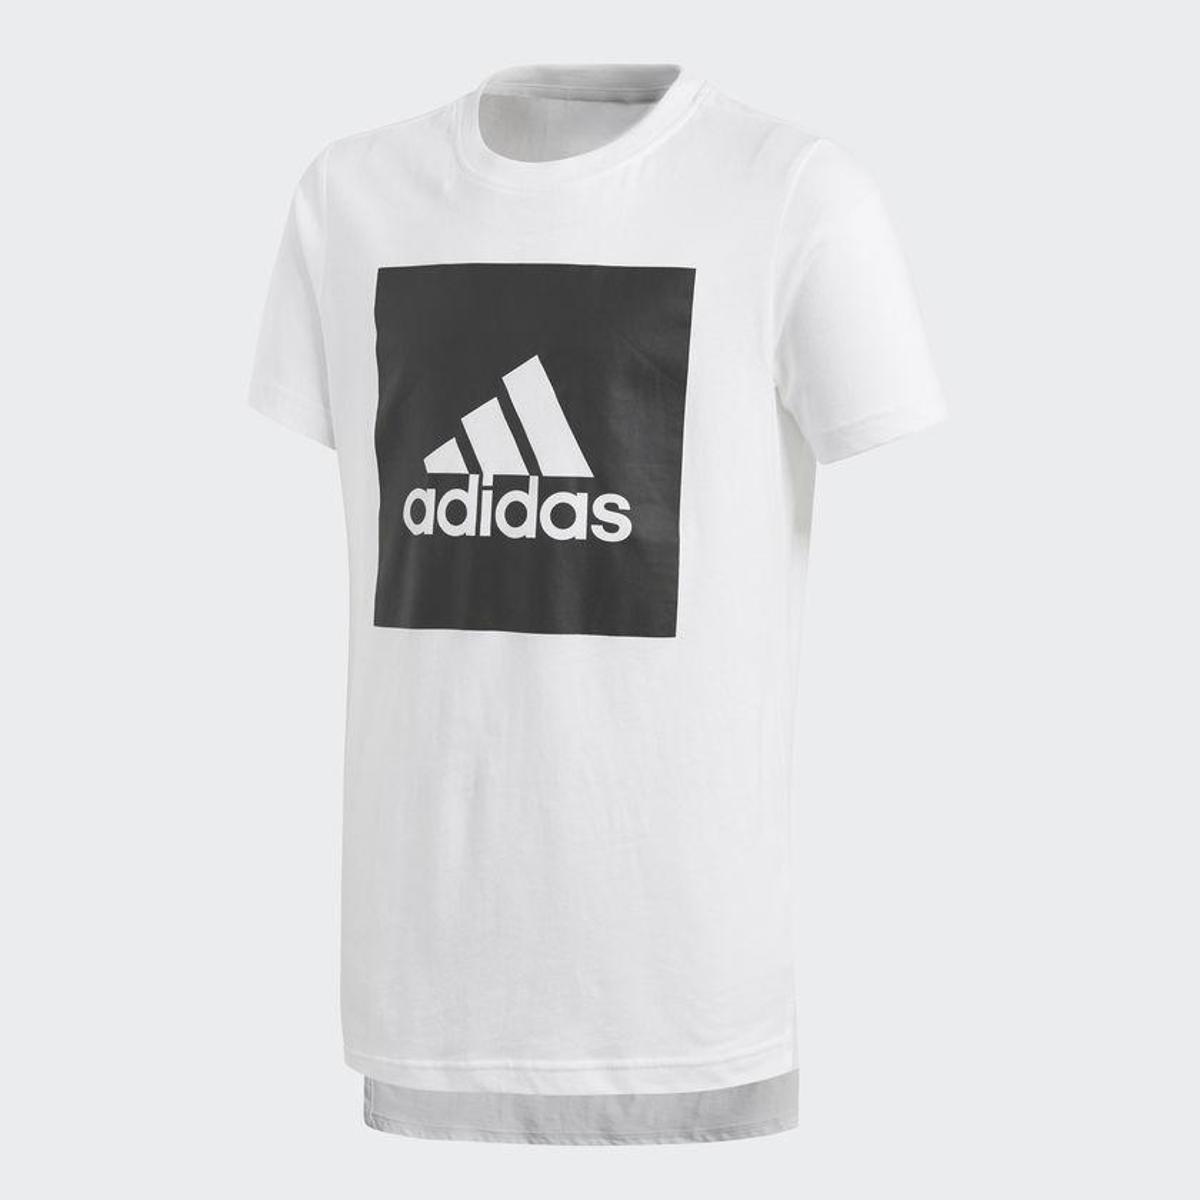 cc04ff5b9db Camiseta Infantil Adidas Yb Logo Masculina - Preto e Branco - Compre Agora